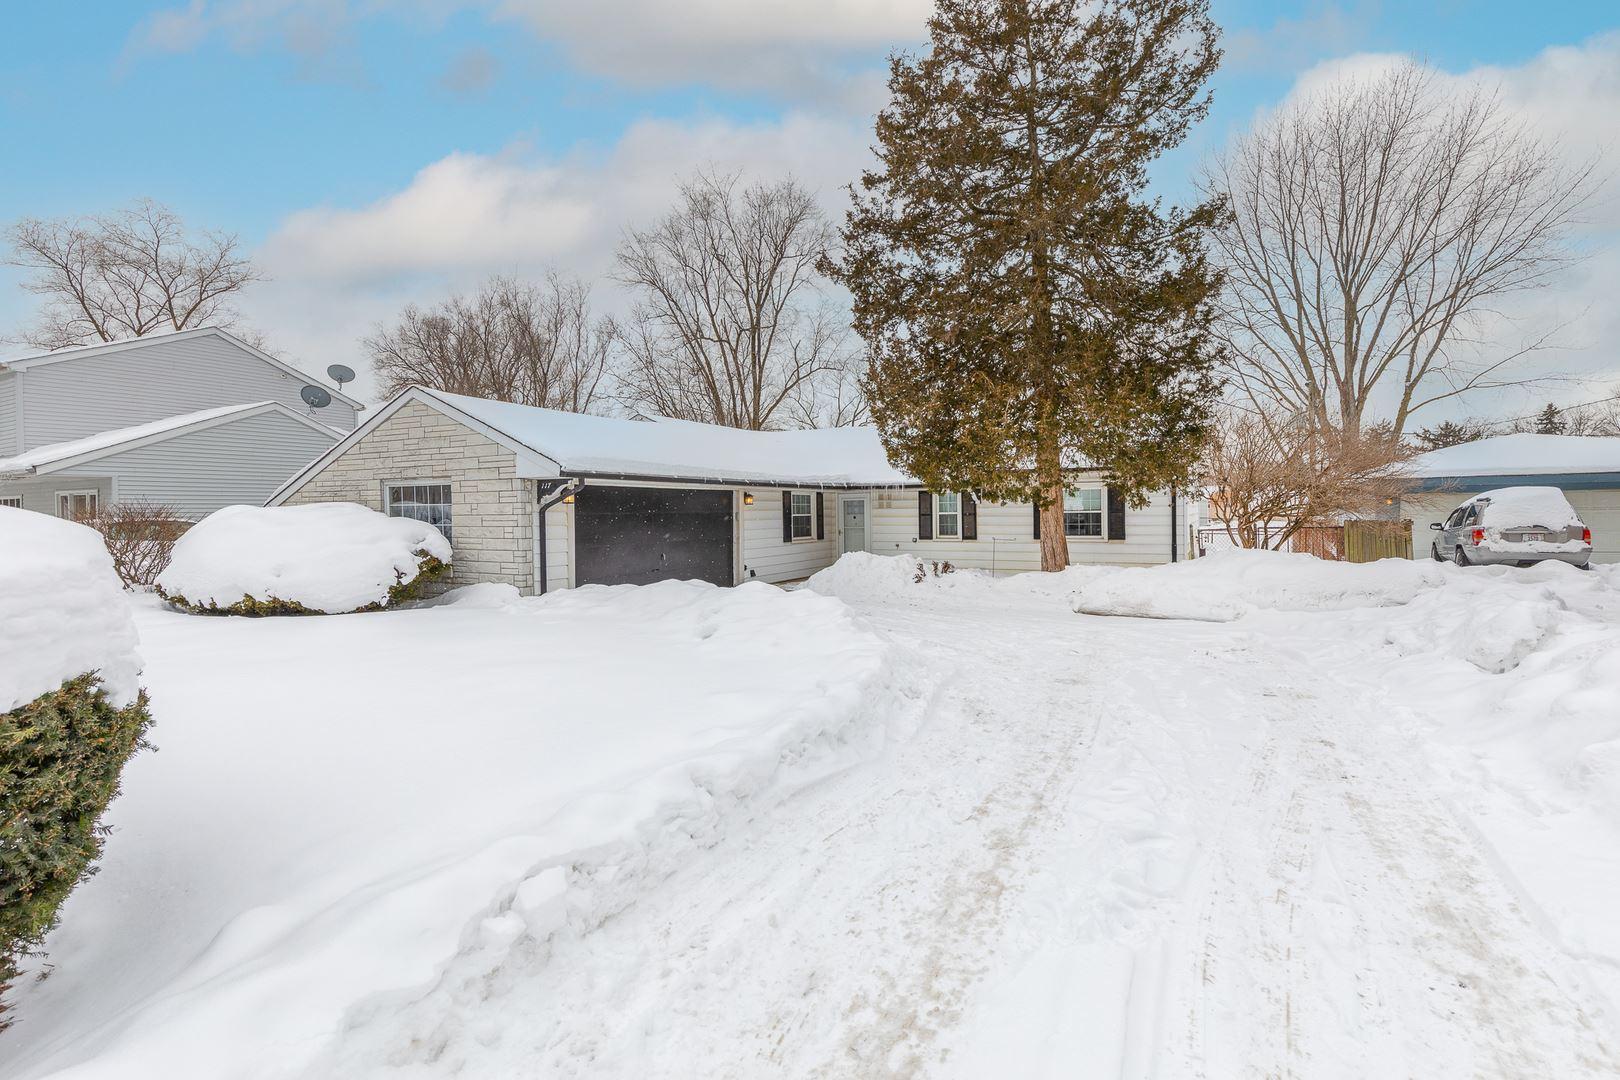 Photo of 117 Oxford Road, Bolingbrook, IL 60440 (MLS # 10990977)